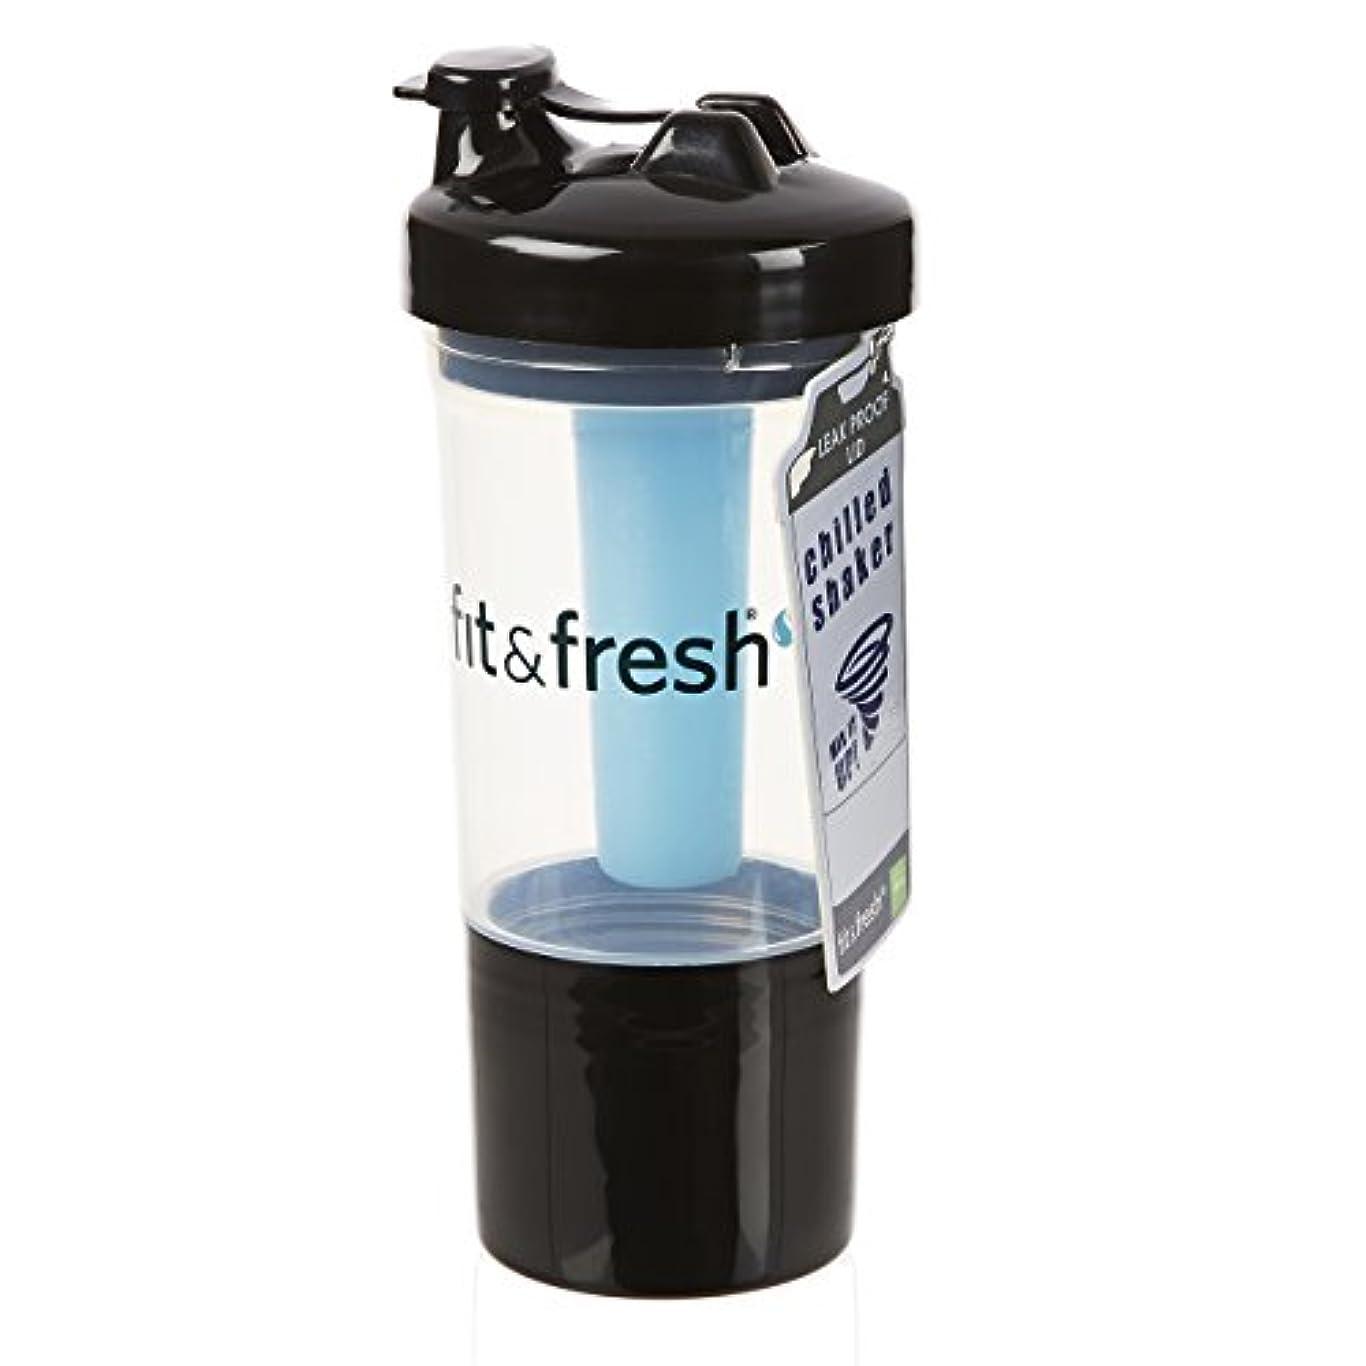 眉をひそめる通りピアースFit & Fresh, CleanTek, Shaker Cup with Ice Wand Agitator & Storage Cup, 1 Cup